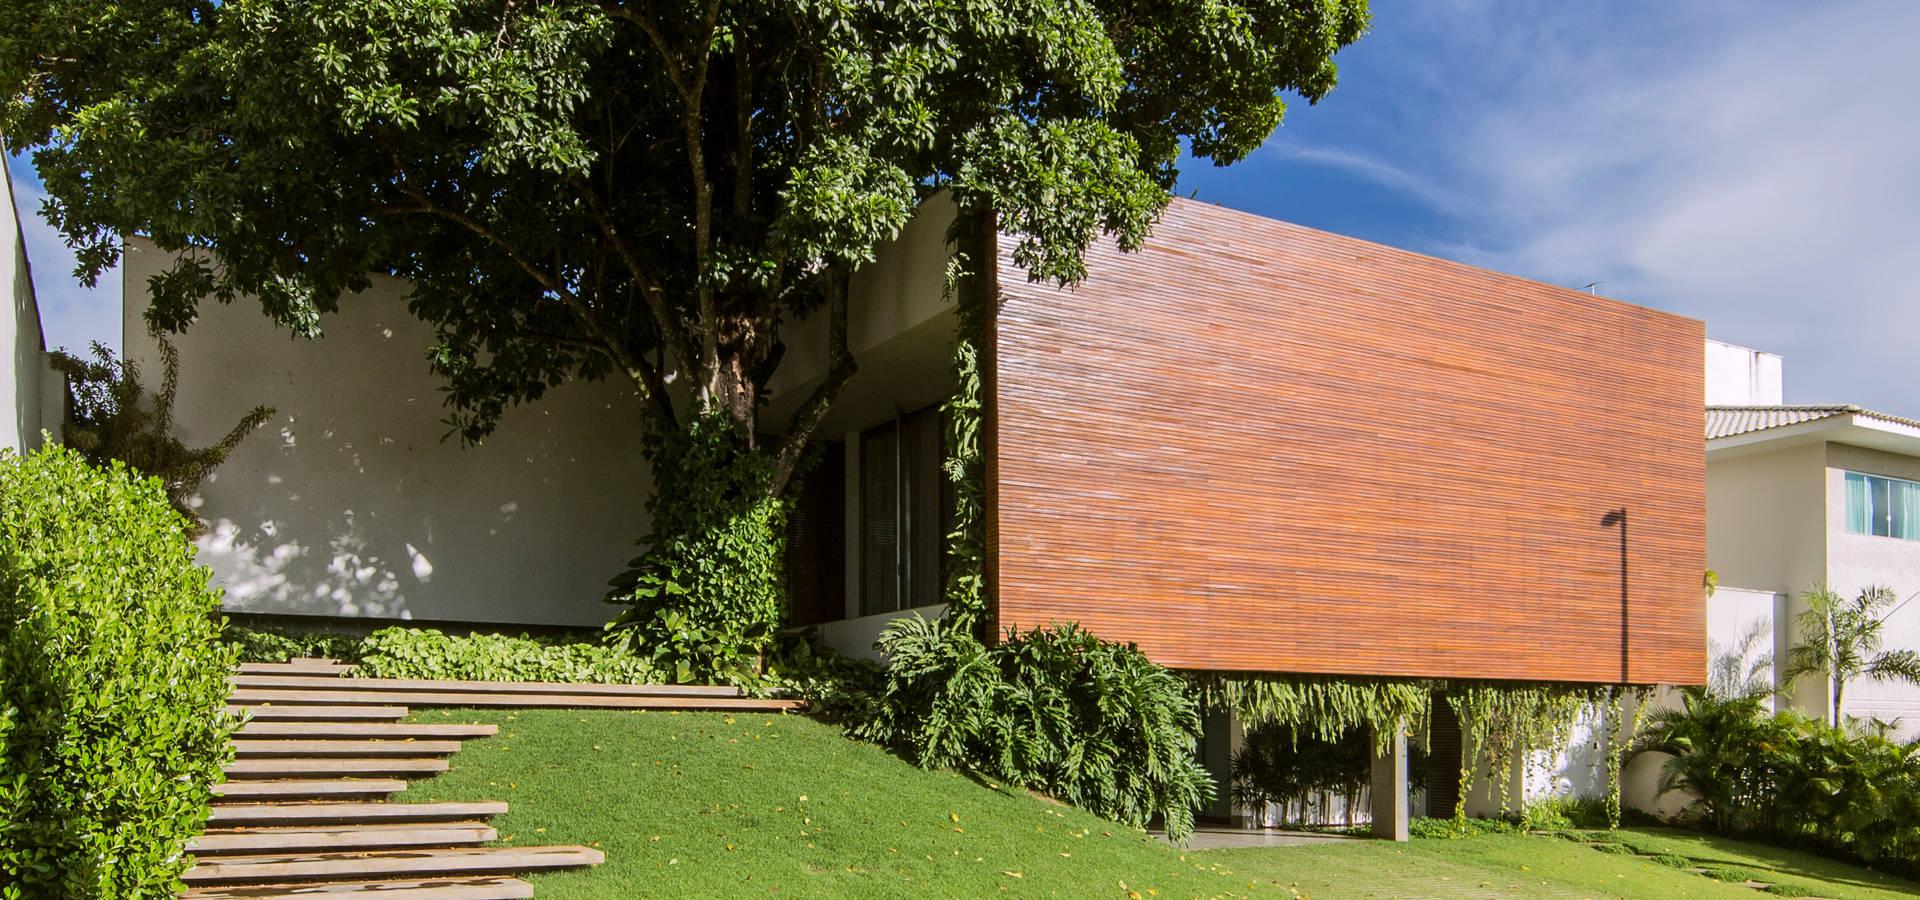 Felipe Bueno Arquitetura